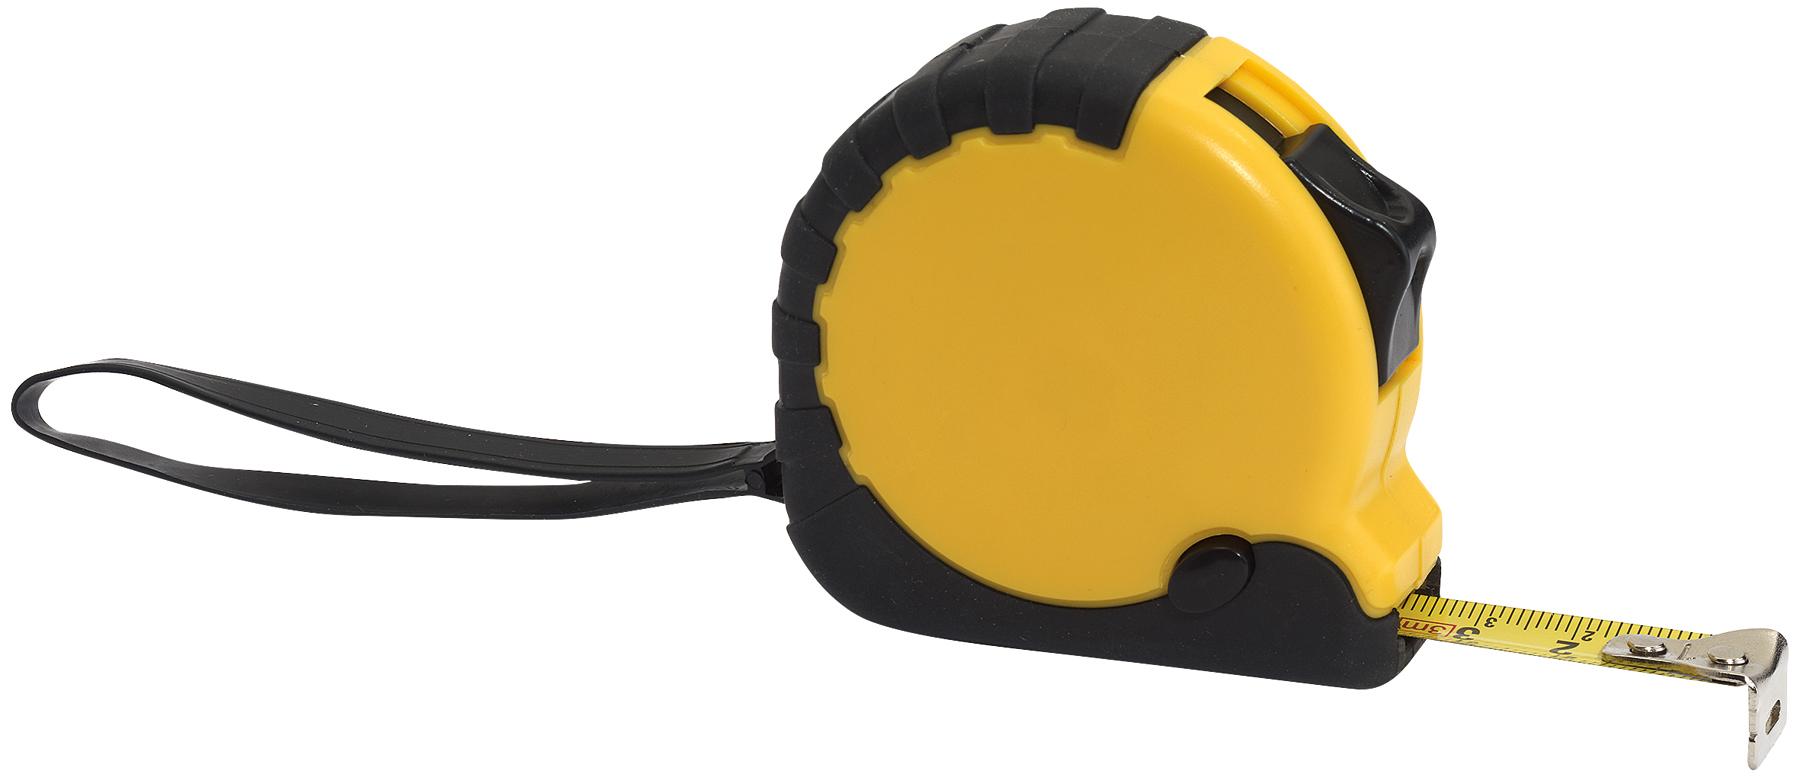 Tasma pomiarowa ELEMENTAL 3m, czarny, żółty